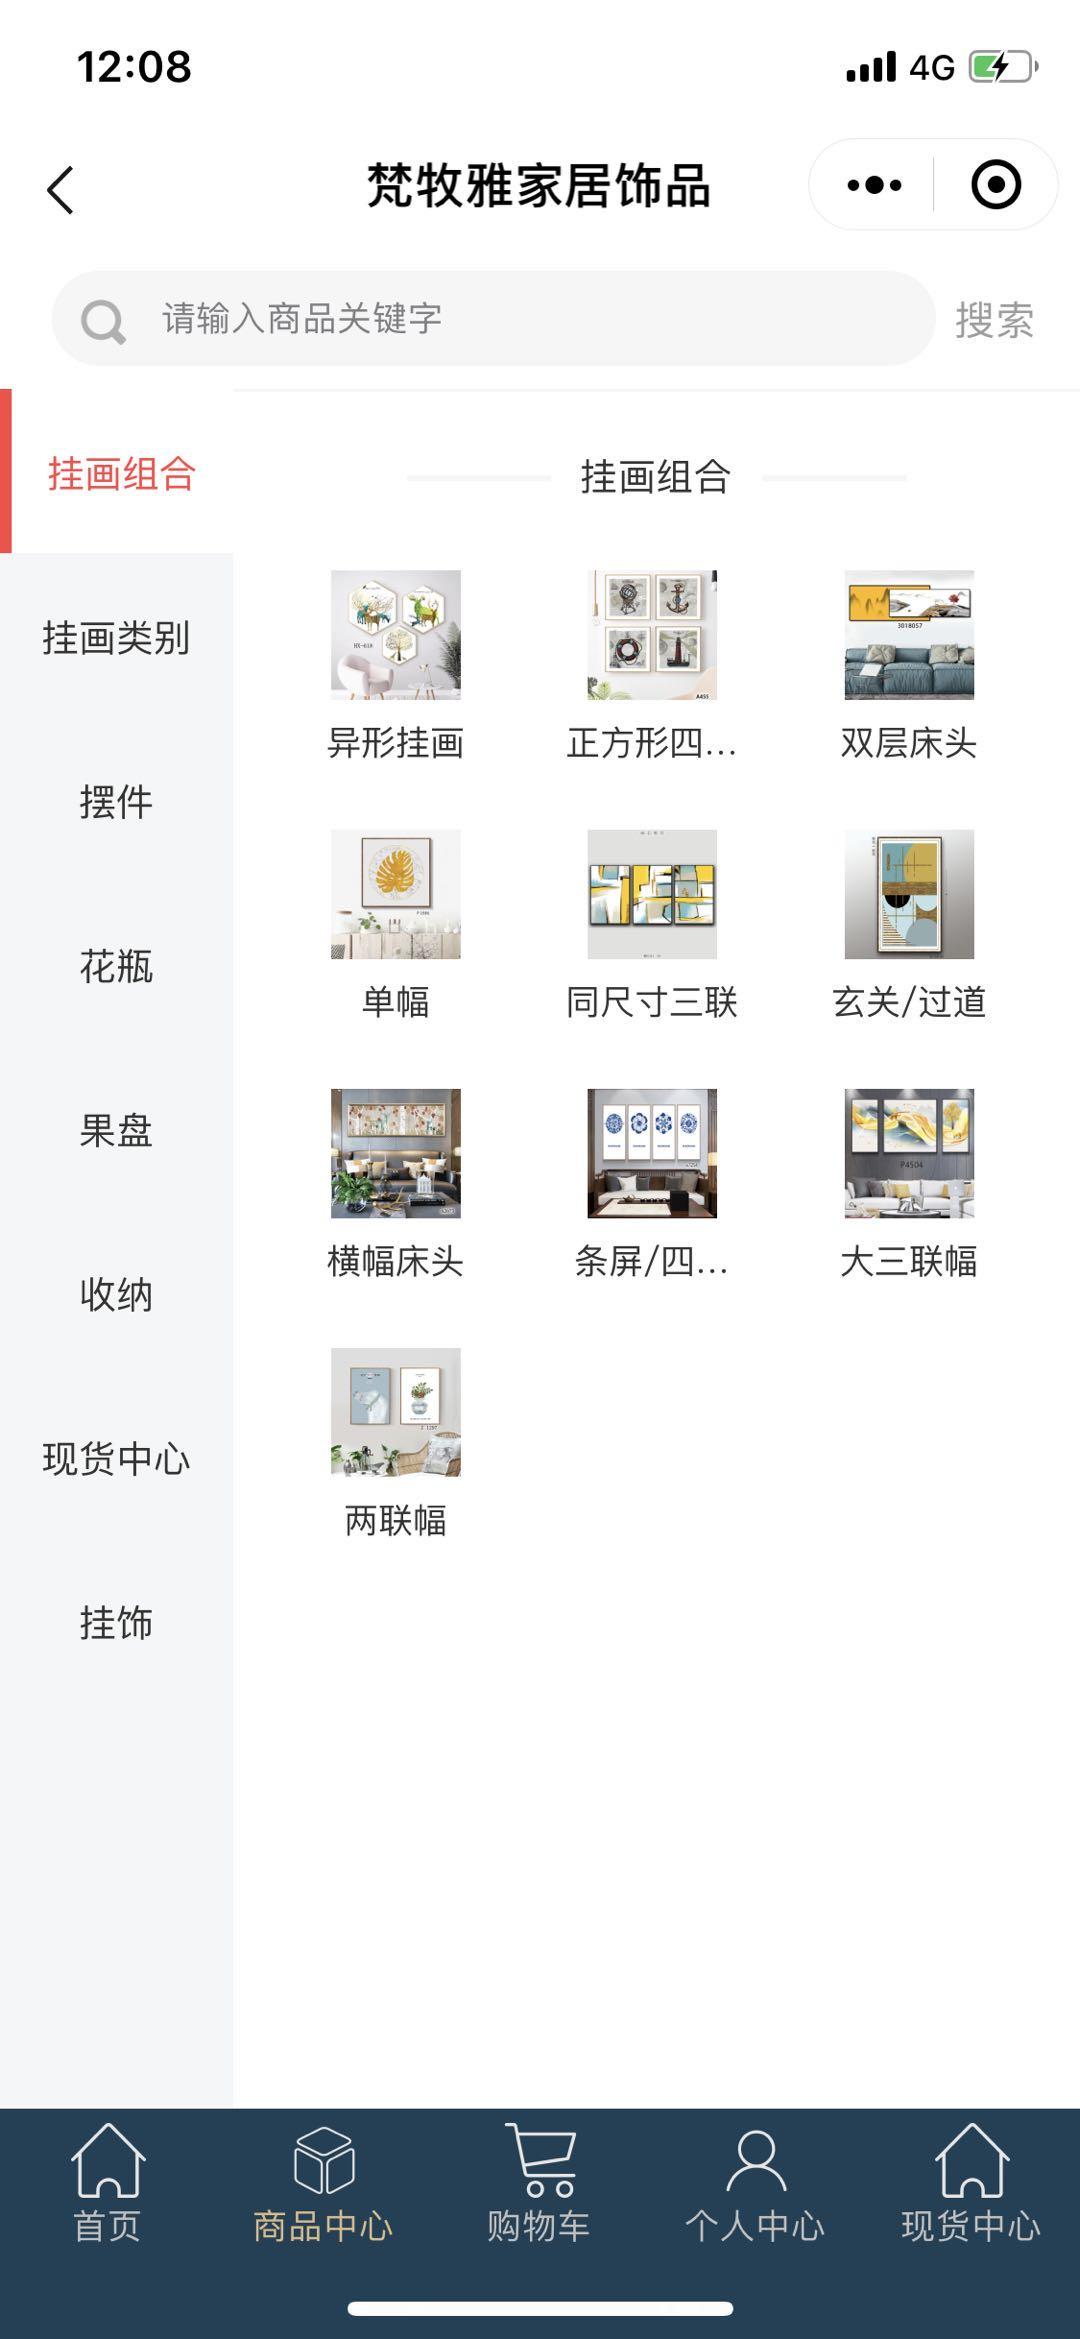 微信梵牧雅家居饰品小程序效果图预览